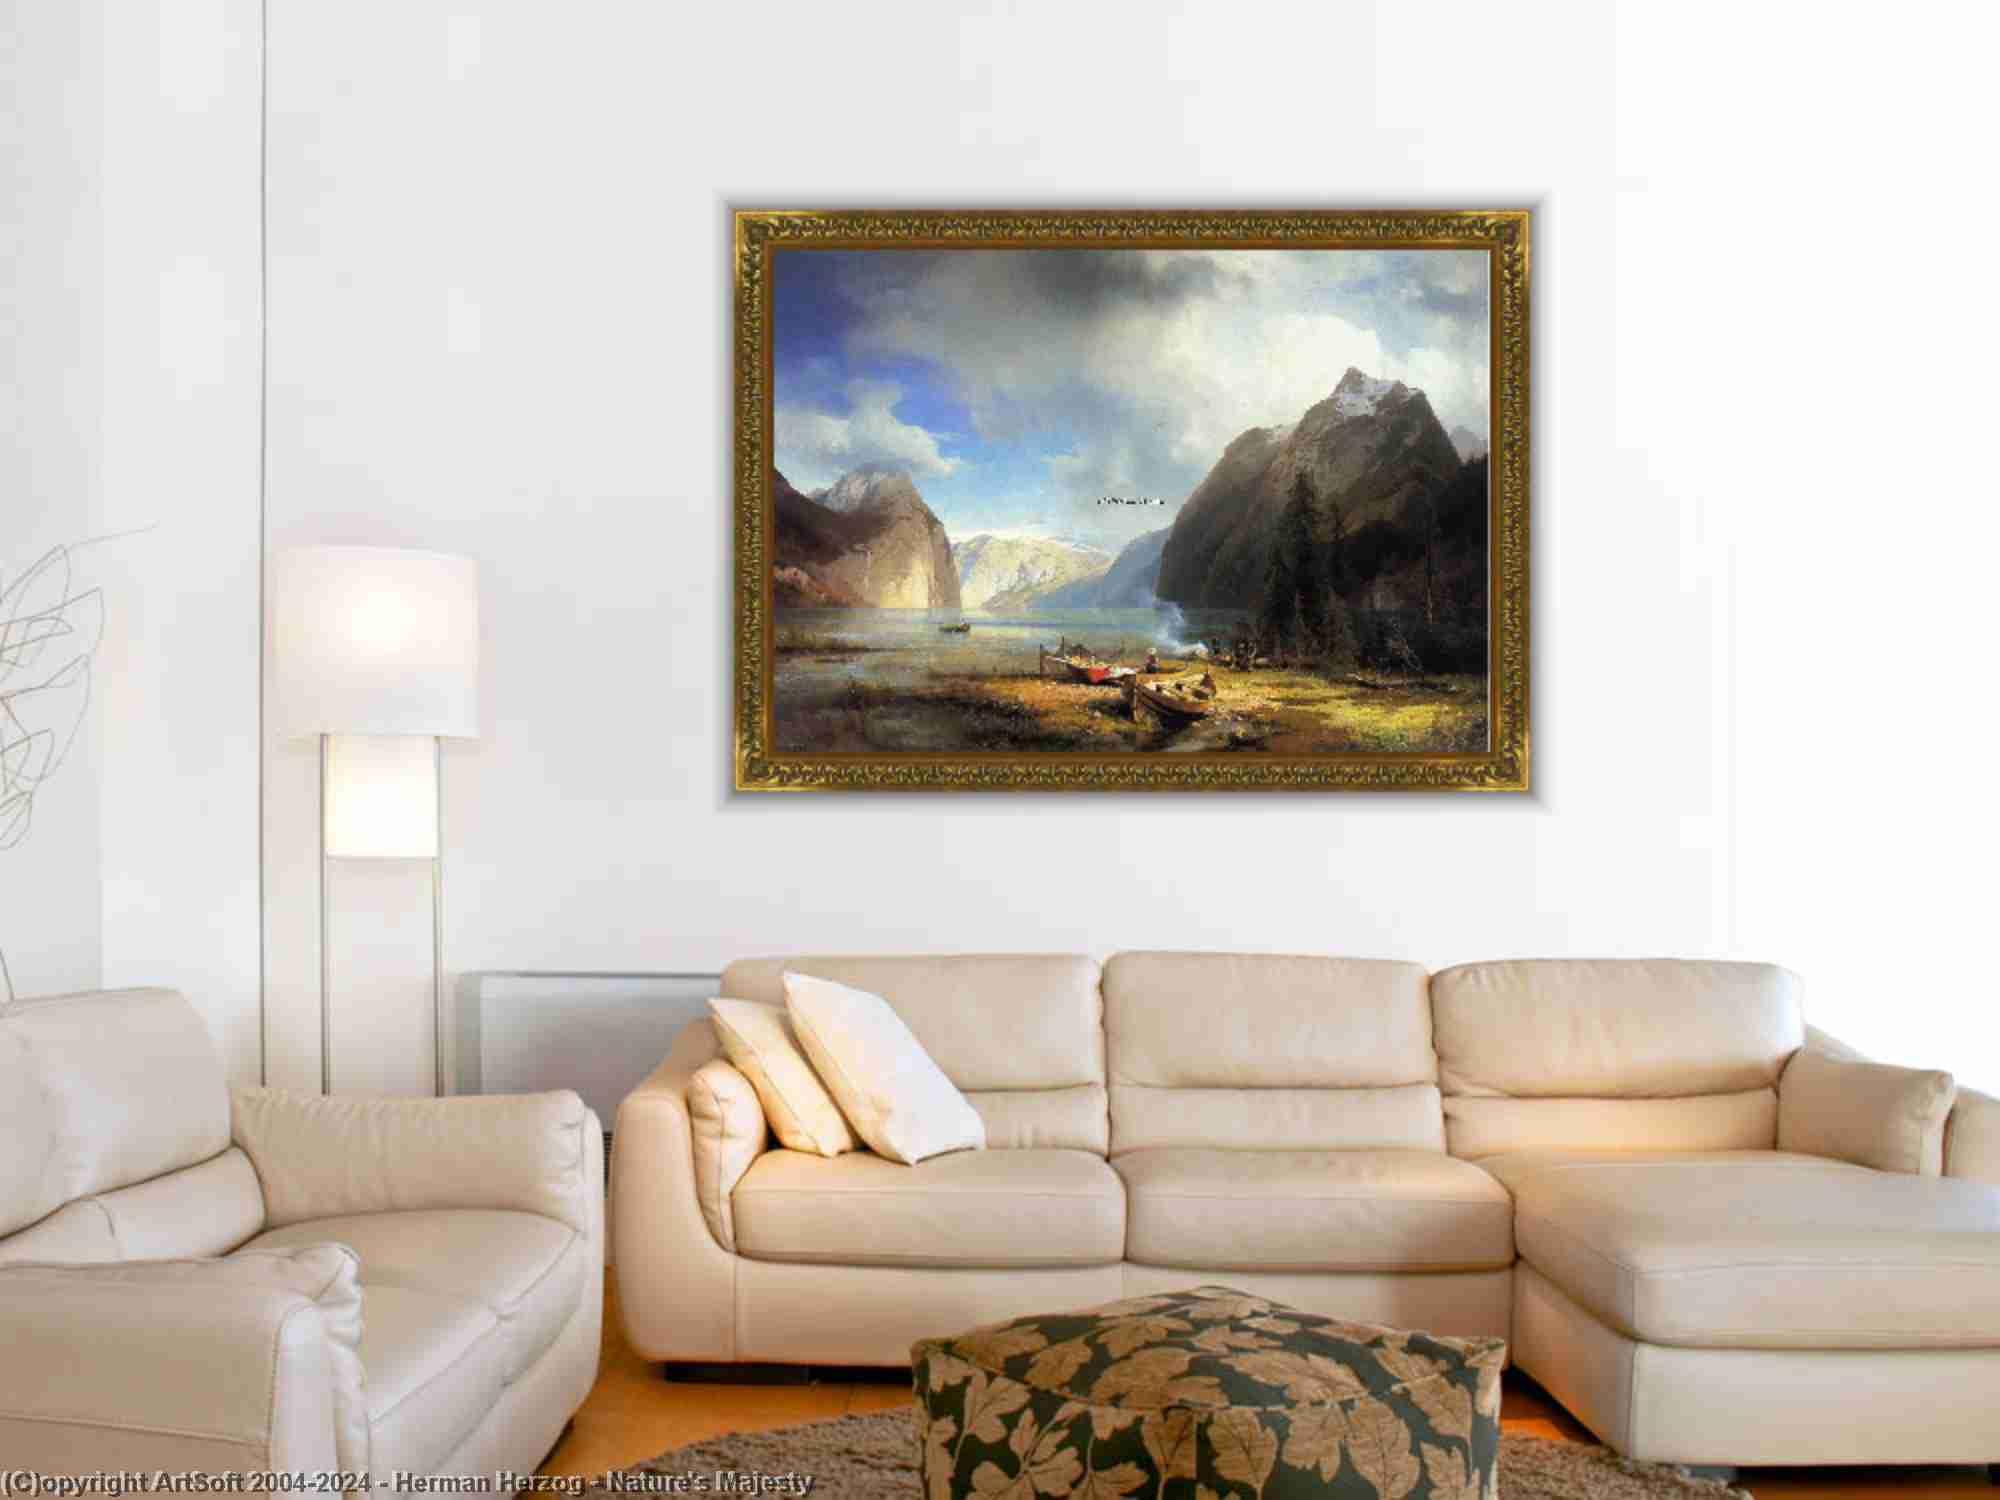 Herman Herzog - Natur Majesty